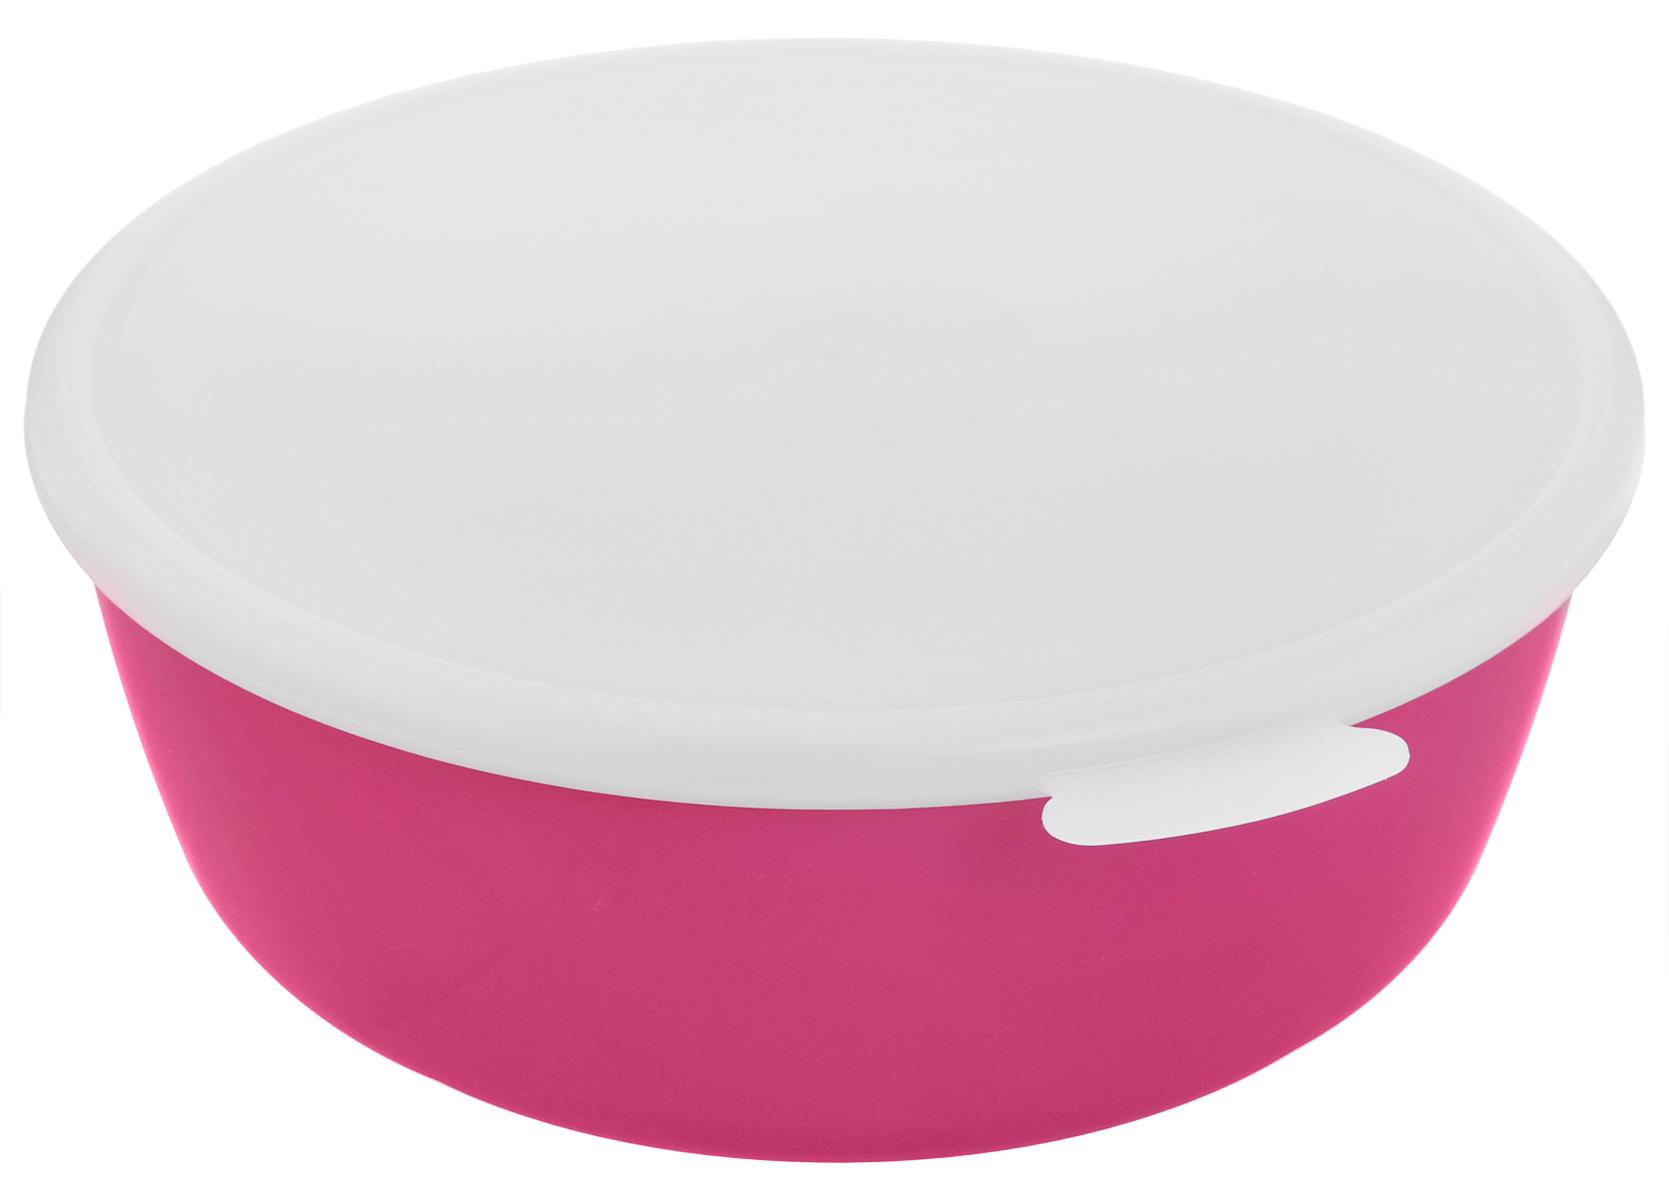 Миска Idea Прованс, с крышкой, цвет: малиновый, белый, 2,5 лМ 1382_малиновыйМиска круглой формы Idea Прованс изготовлена из высококачественного пищевого пластика. Изделие очень функциональное, оно пригодится на кухне для самых разнообразных нужд: в качестве салатника, миски, тарелки. Герметичная крышка обеспечивает продуктам долгий срок хранения.Диаметр миски: 22,5 см.Высота миски: 8,5 см.